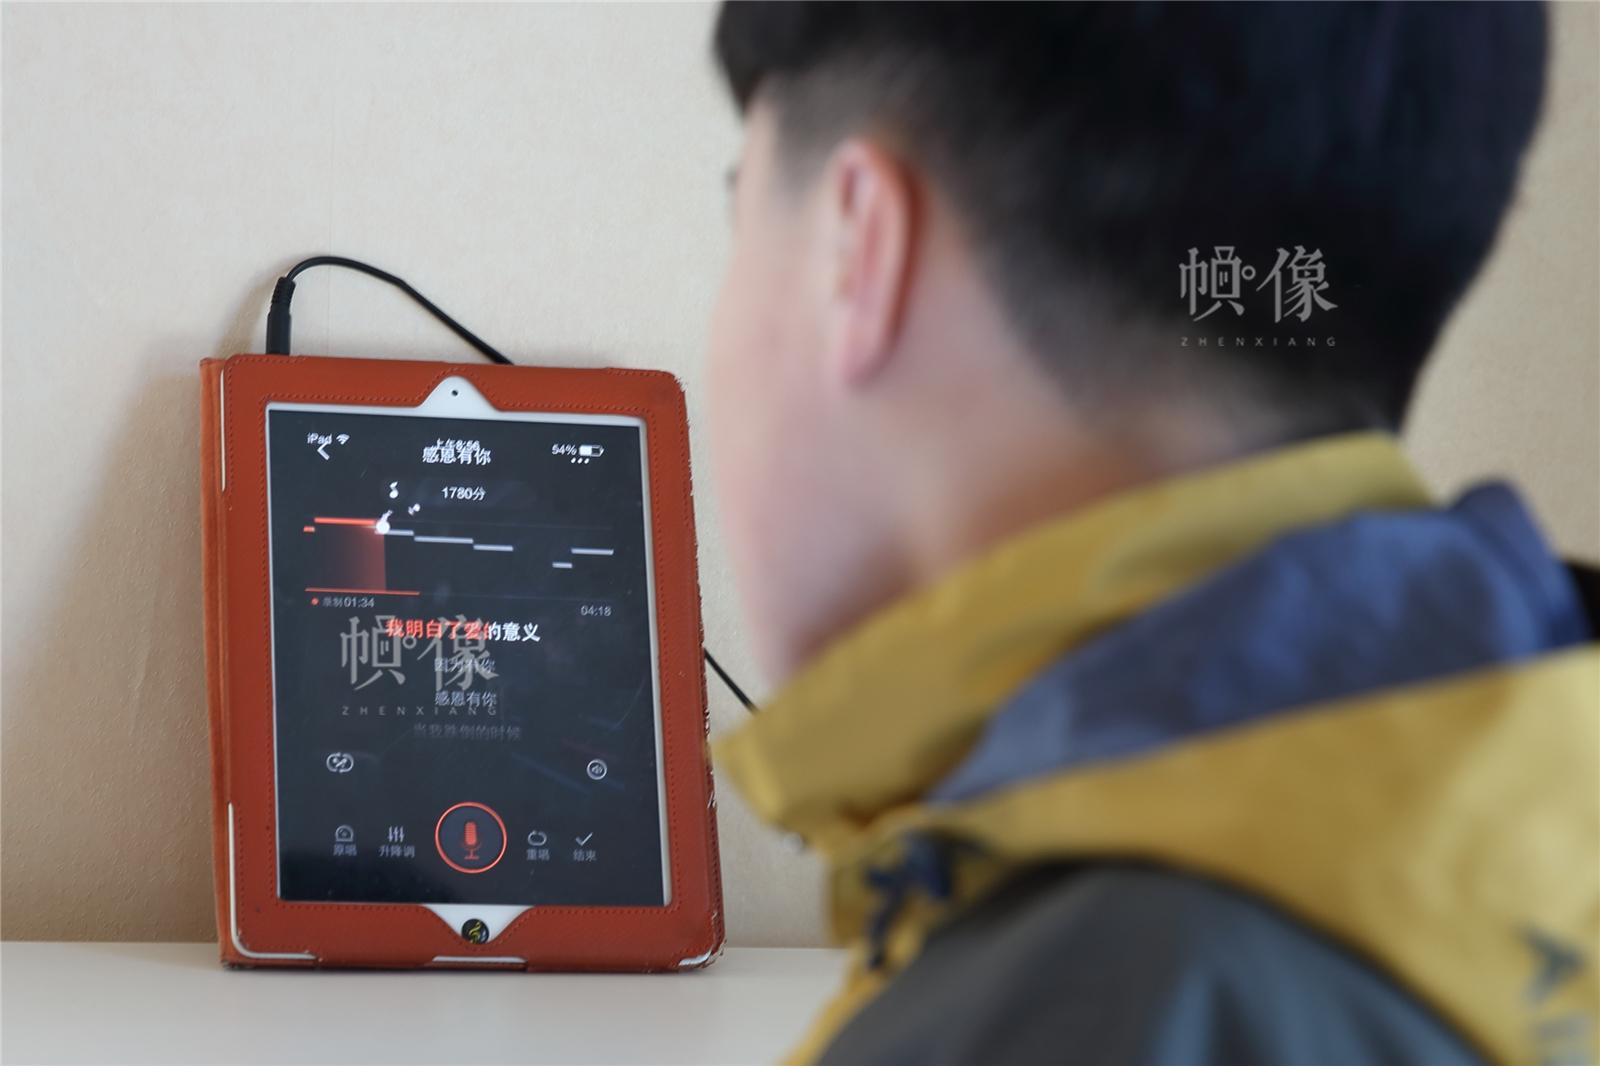 2017年3月27日,北京星星雨教育研究所,14岁的自闭症孩子旭旭在唱《感恩有你》。中国网记者陈维松 摄